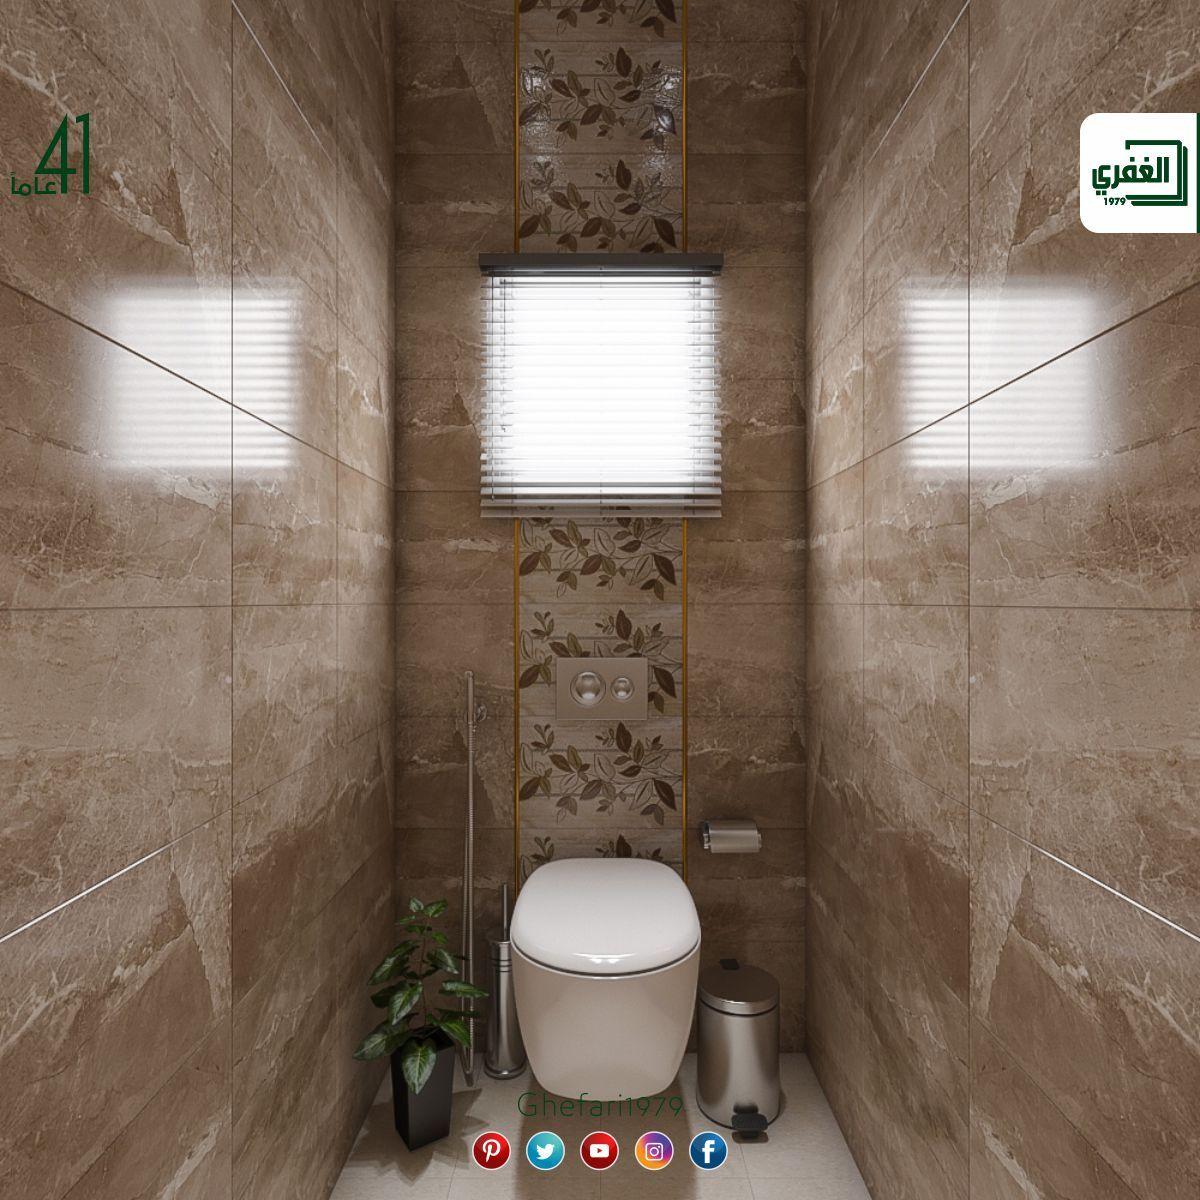 بلاط أسباني للاستخدام داخل الحمامات والمطابخ للمزيد زورونا على موقع الشركة Https Www Ghefari Com Ar Volga واتس اب 0097259 Instagram Posts Bathroom Toilet